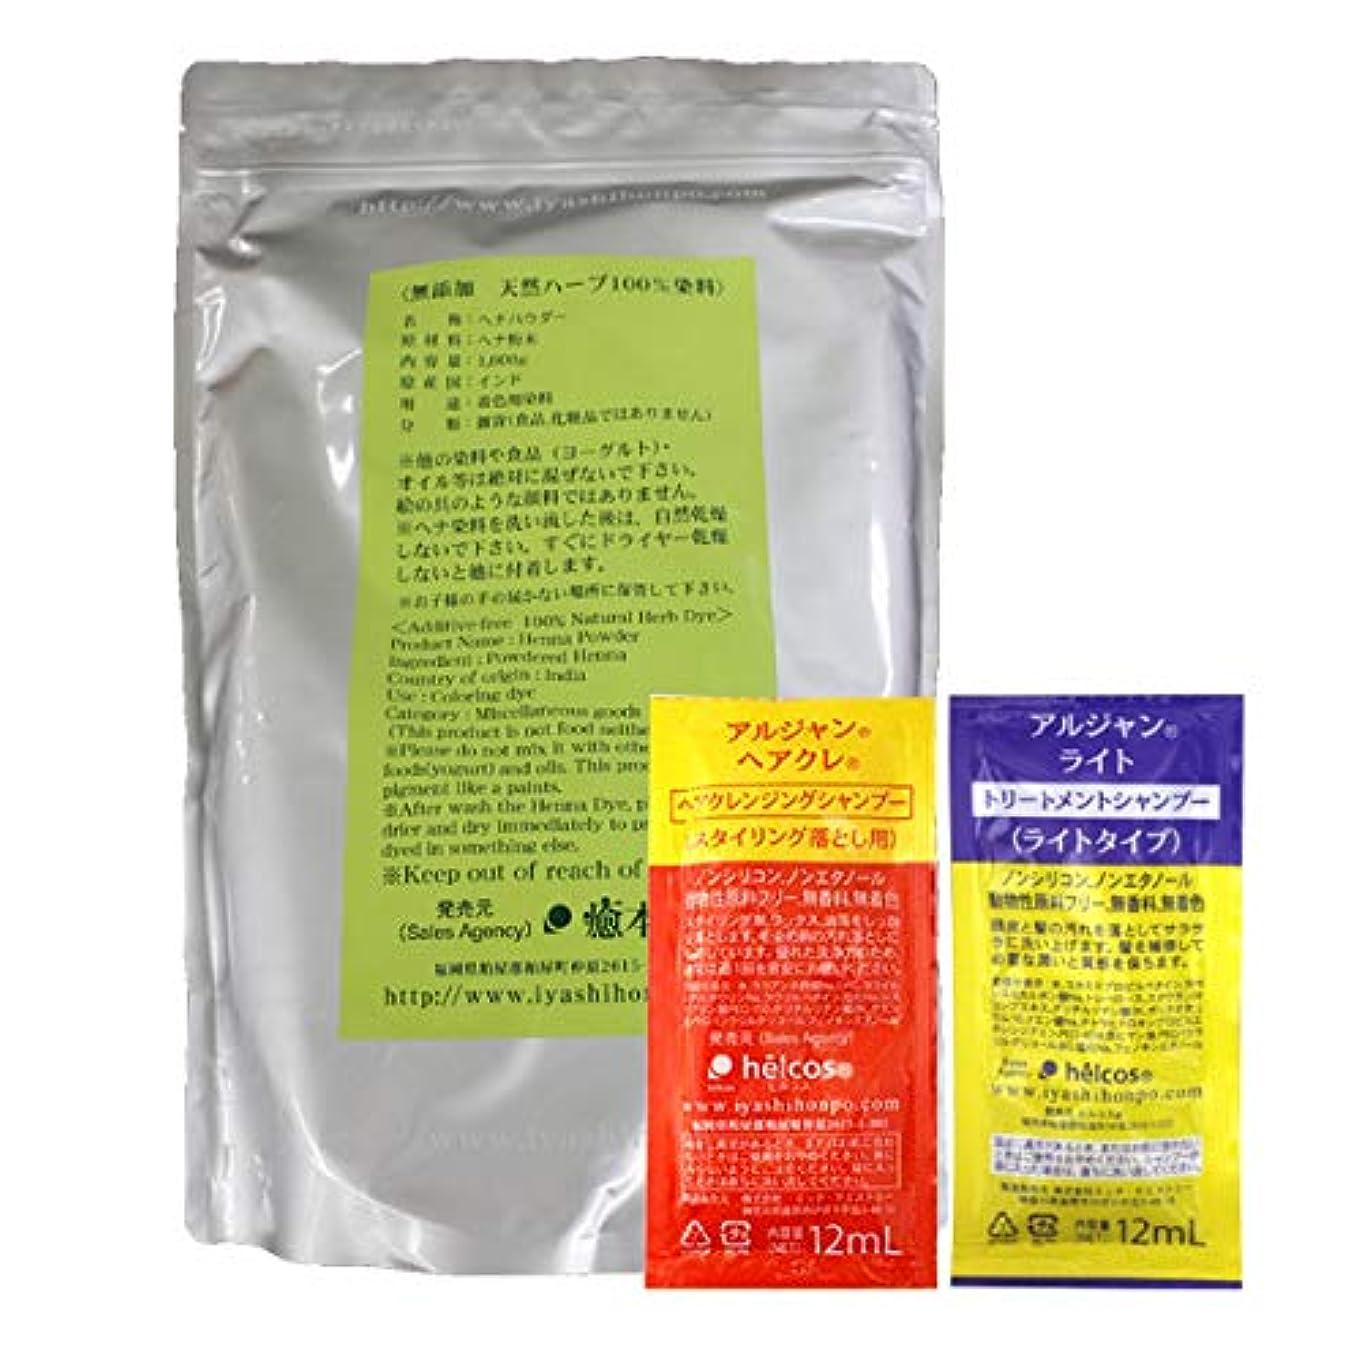 下線付添人掃く白髪染め ヘナ(天然染料100%) 1,000g + シャンプー2種セット 癒本舗(ブラウン)